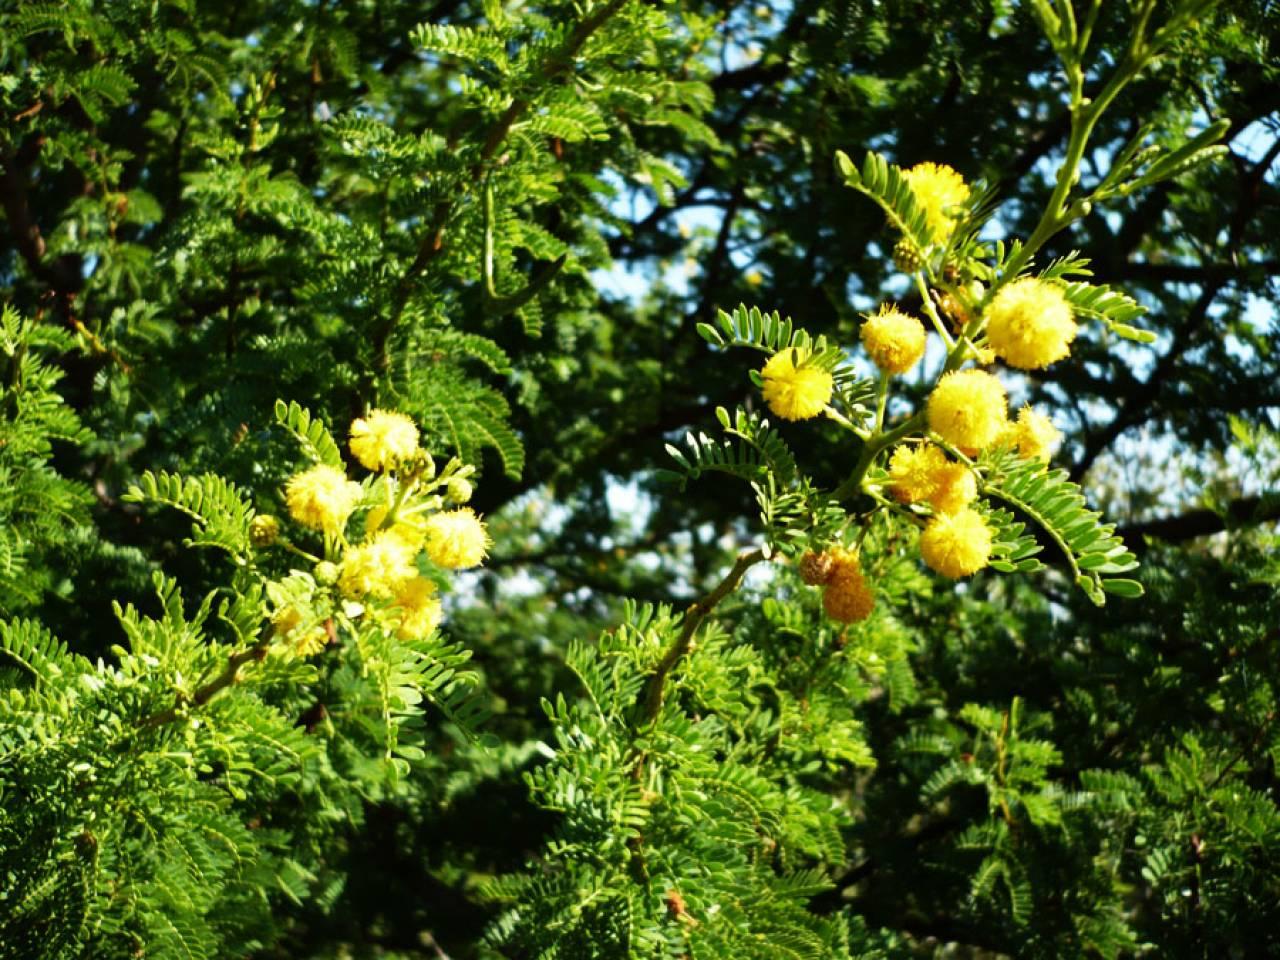 Meteo, mimose in fiore a dicembre